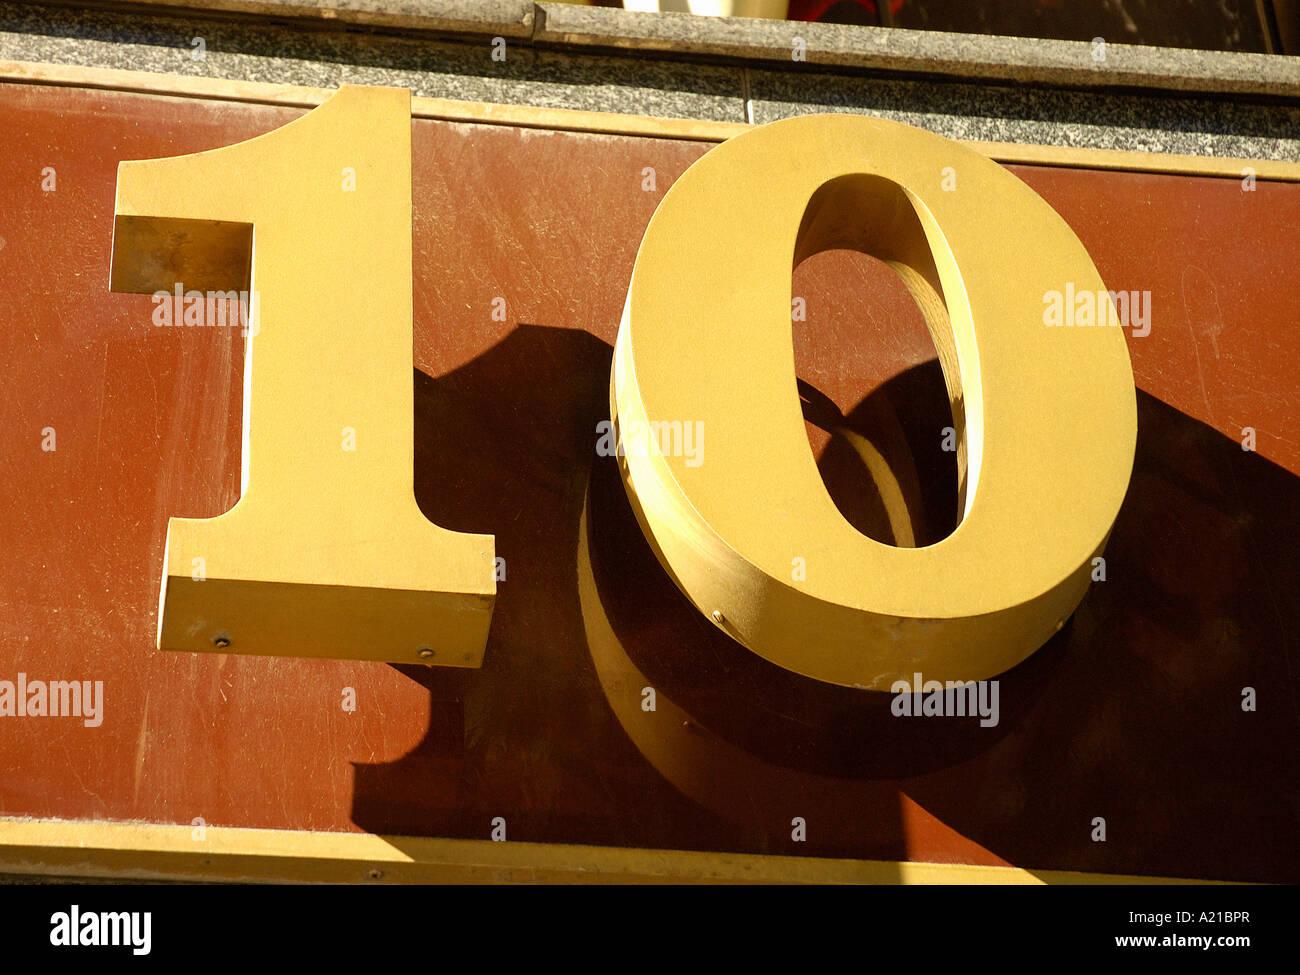 Numero della porta 10 su sfondo a parete Immagini Stock